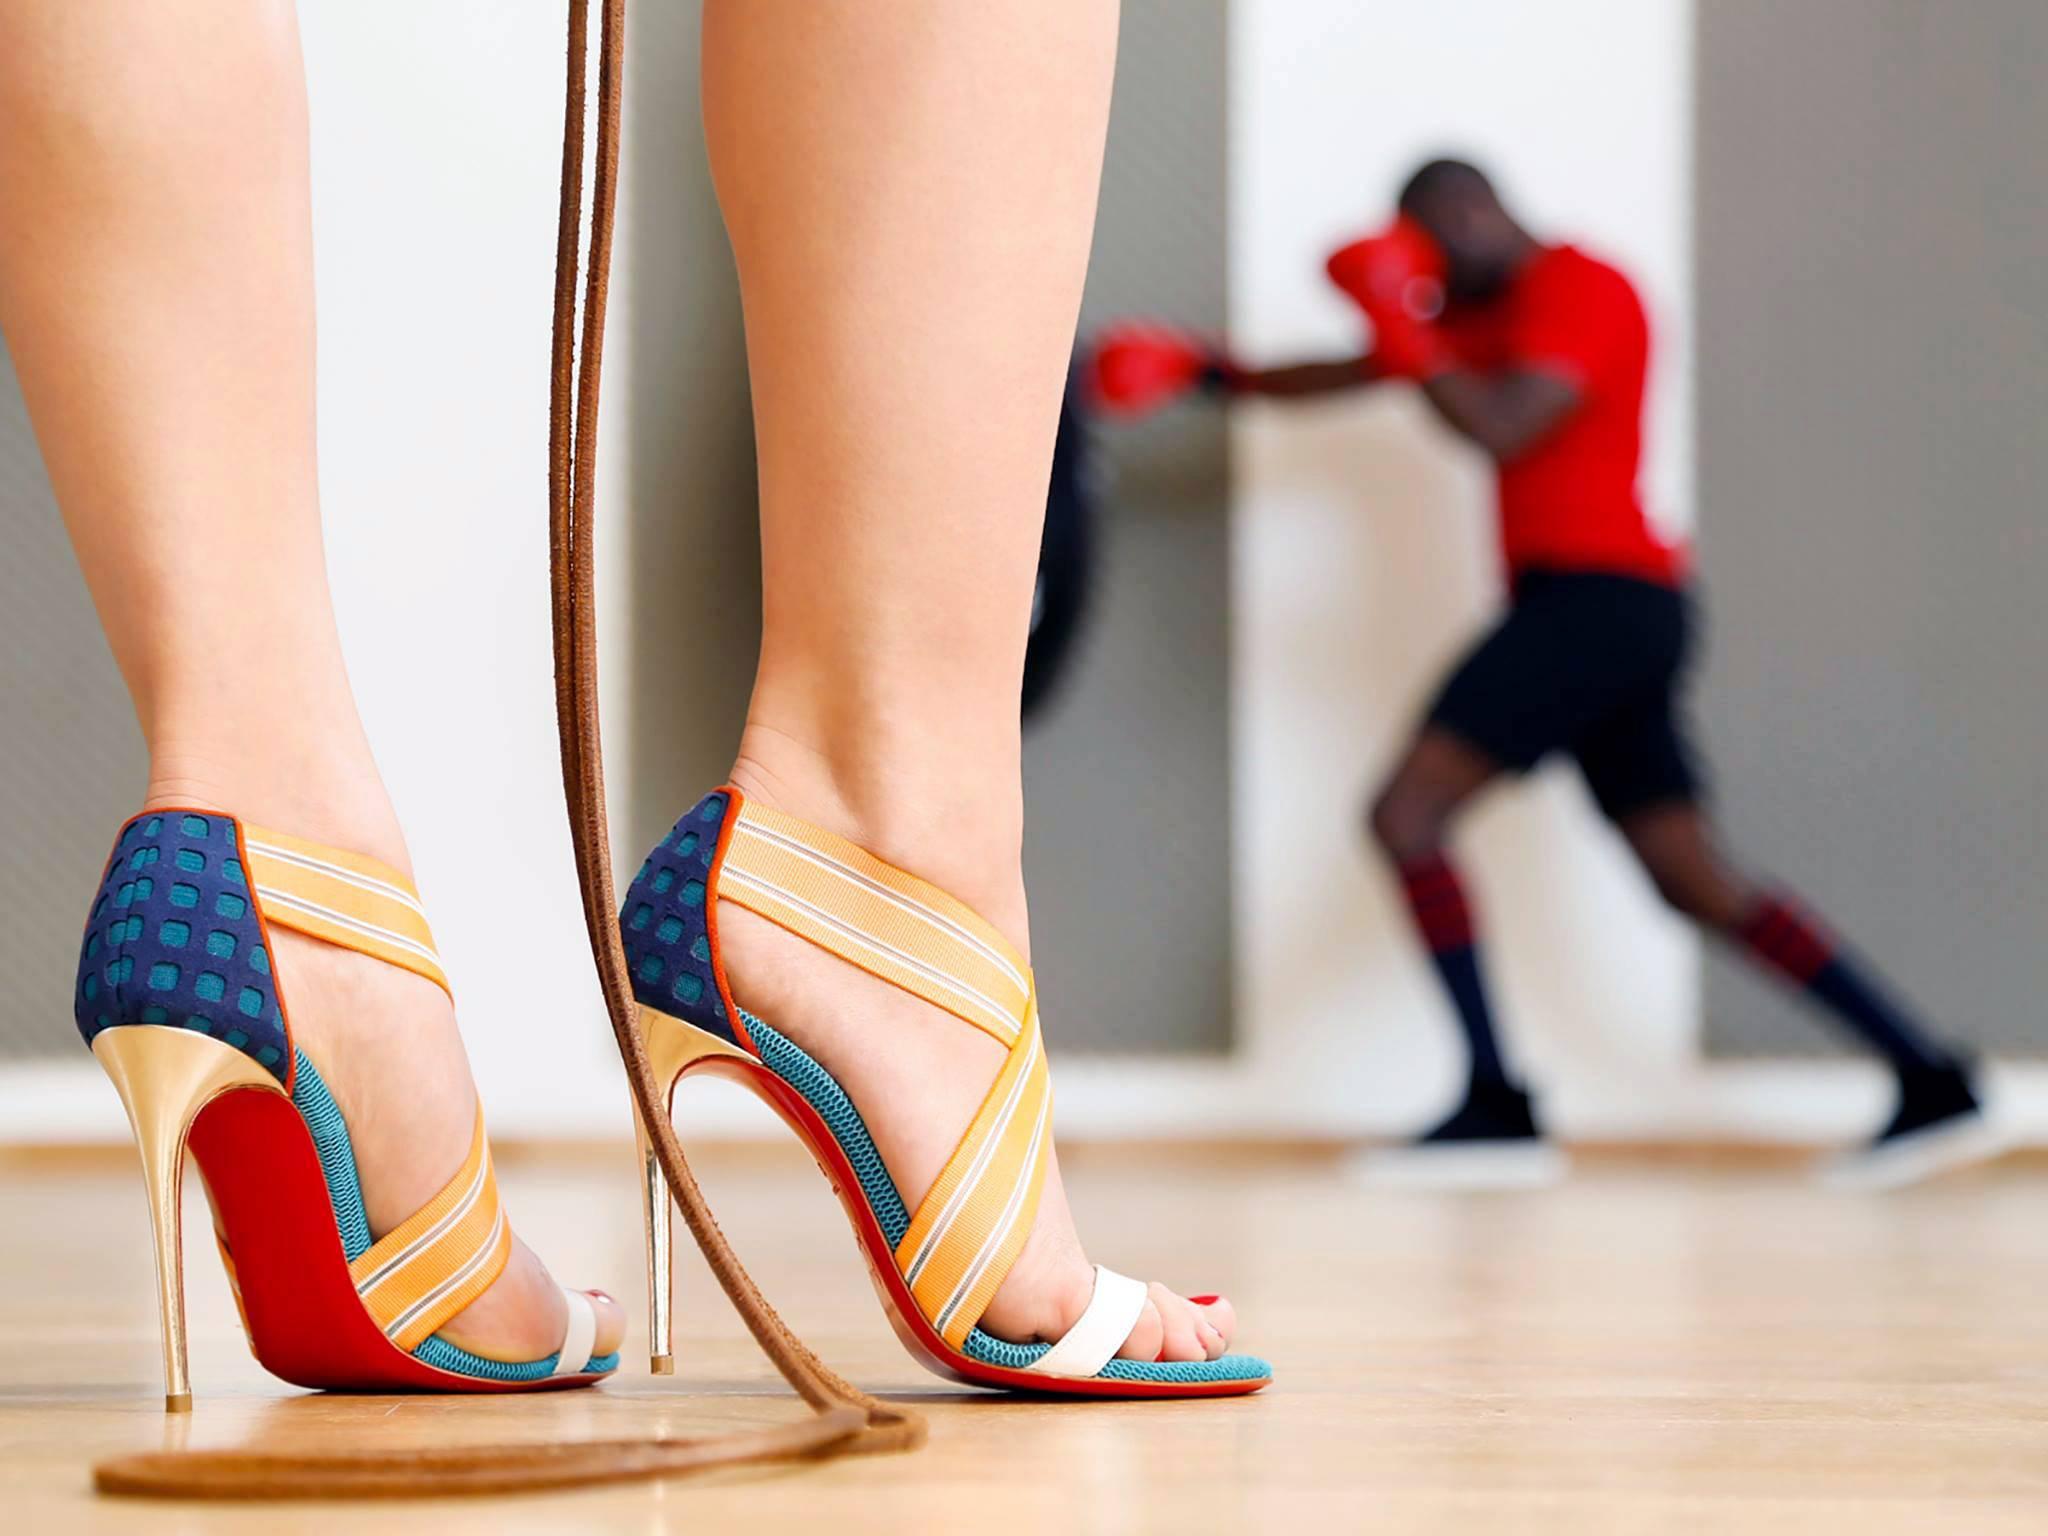 拽|这位鞋匠说,舒服不是我的职责,我只管美和性感